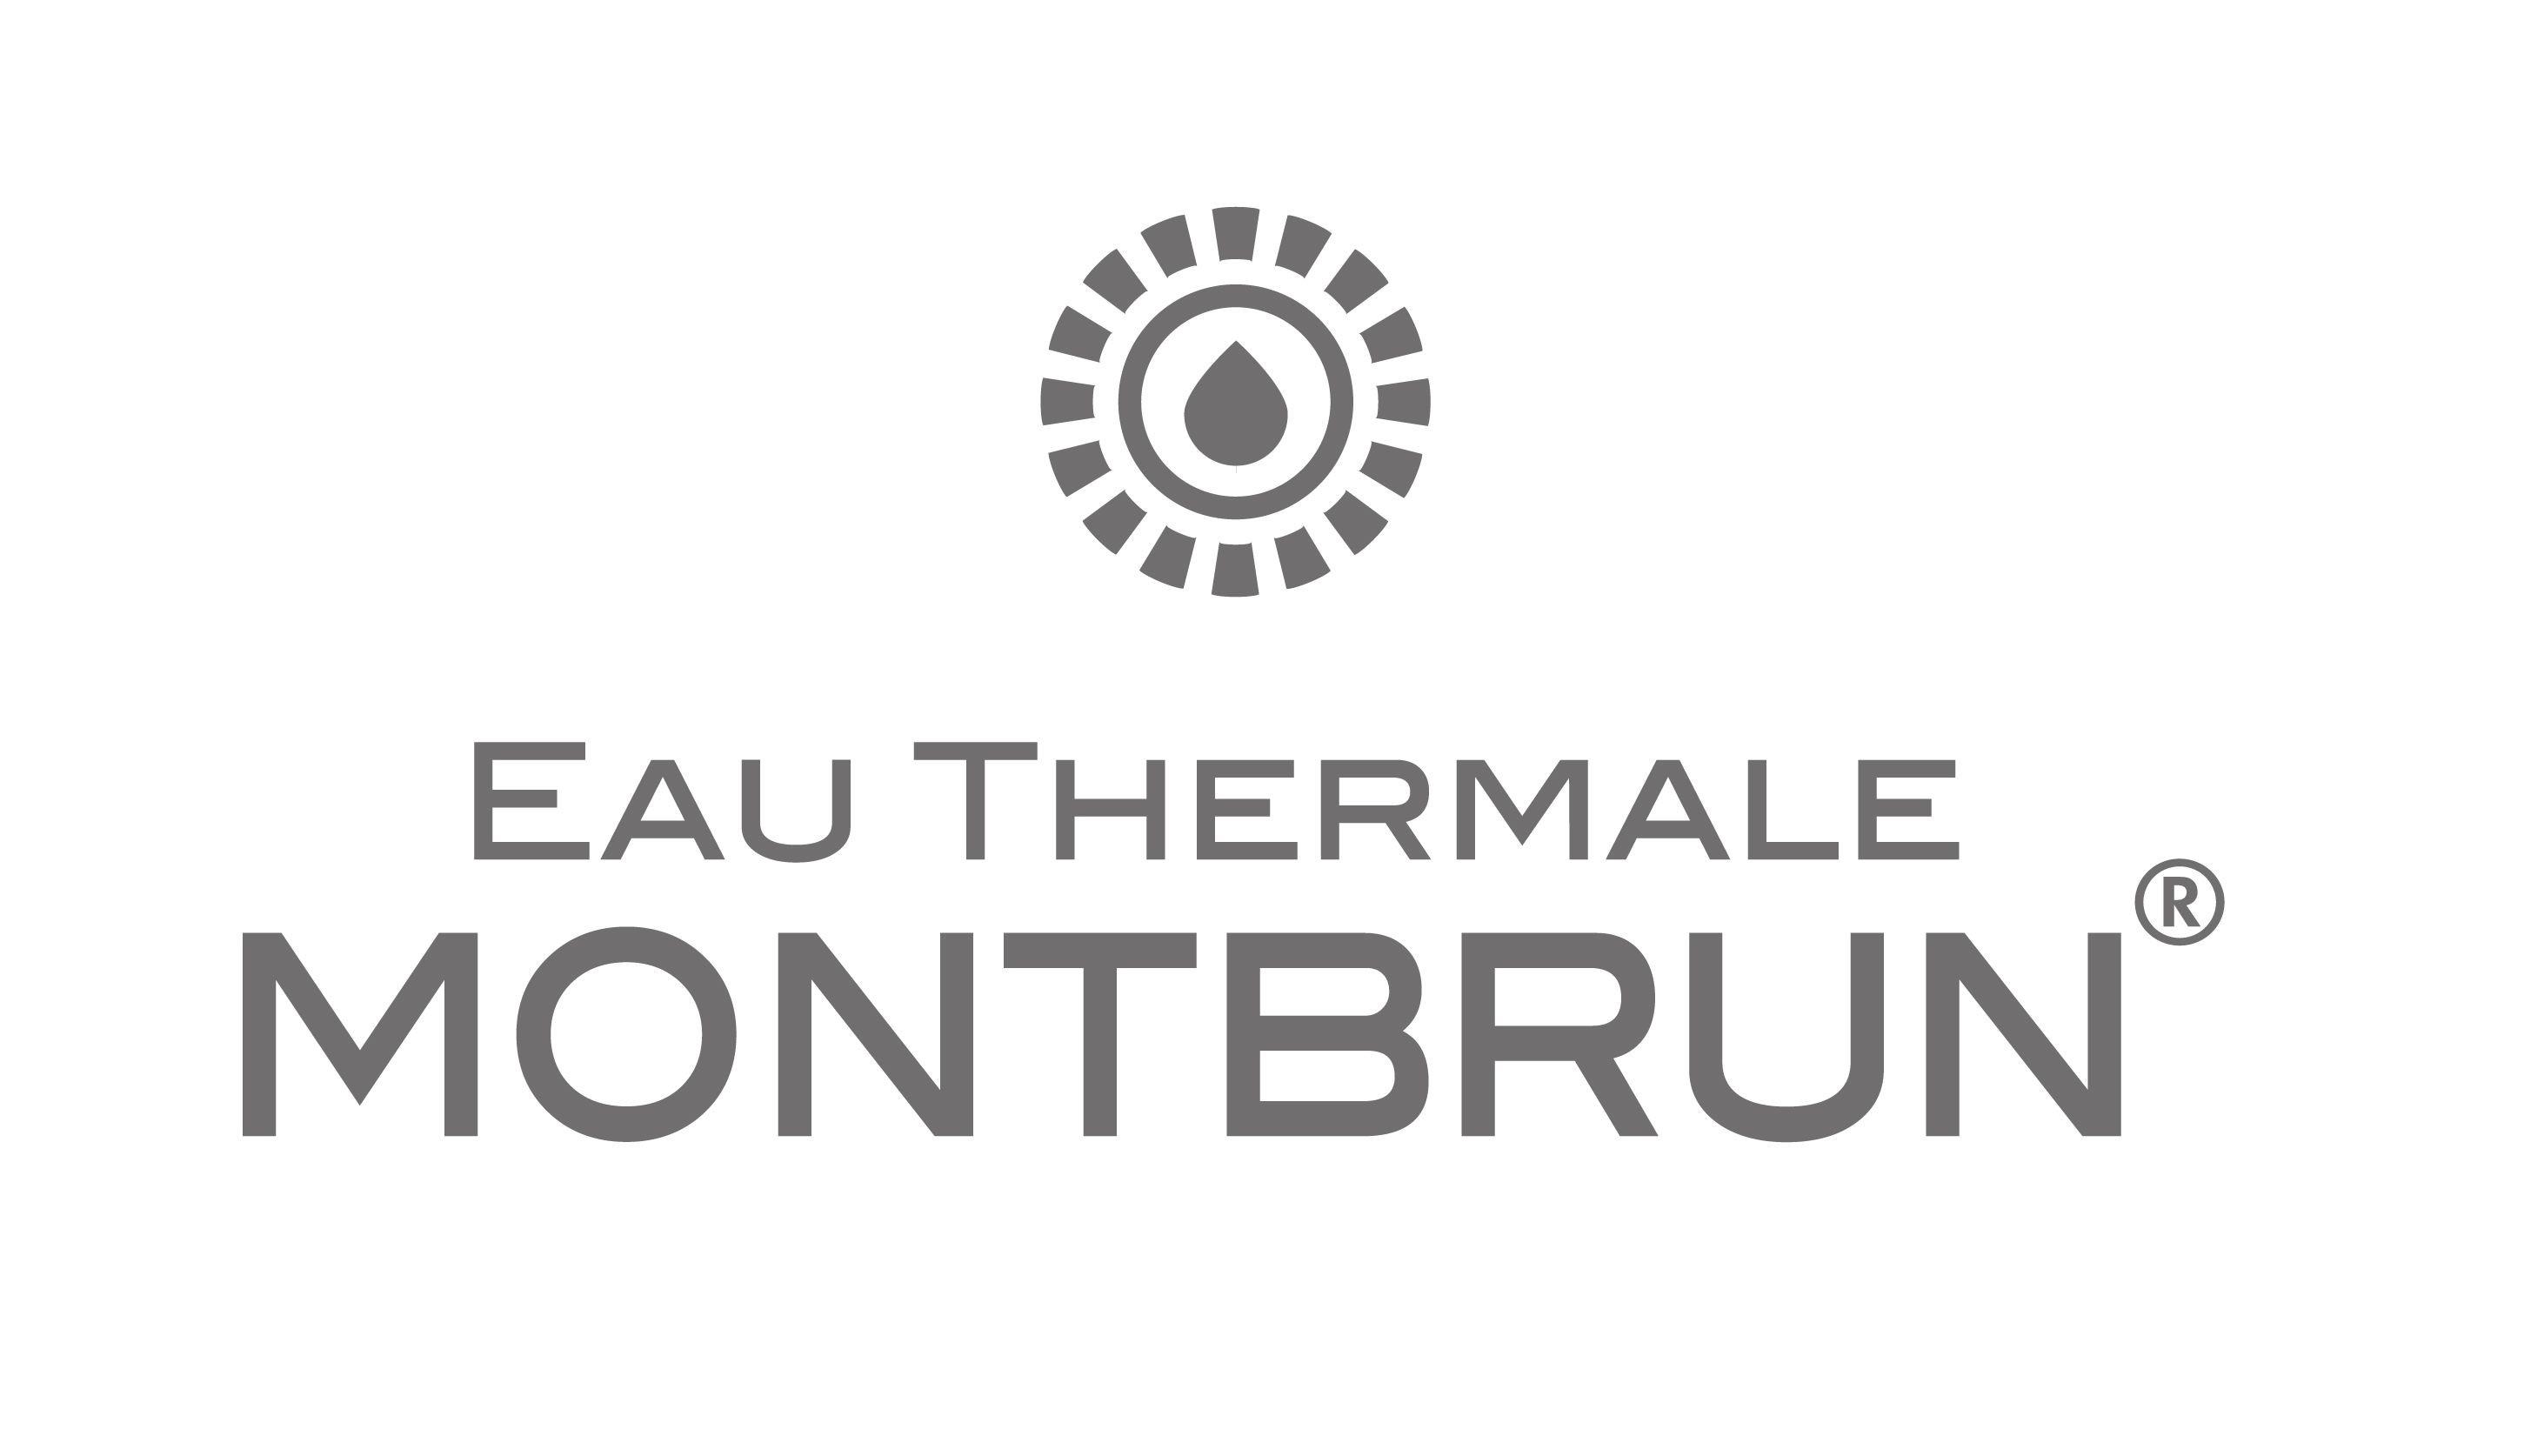 Eau Thermale Montbrun